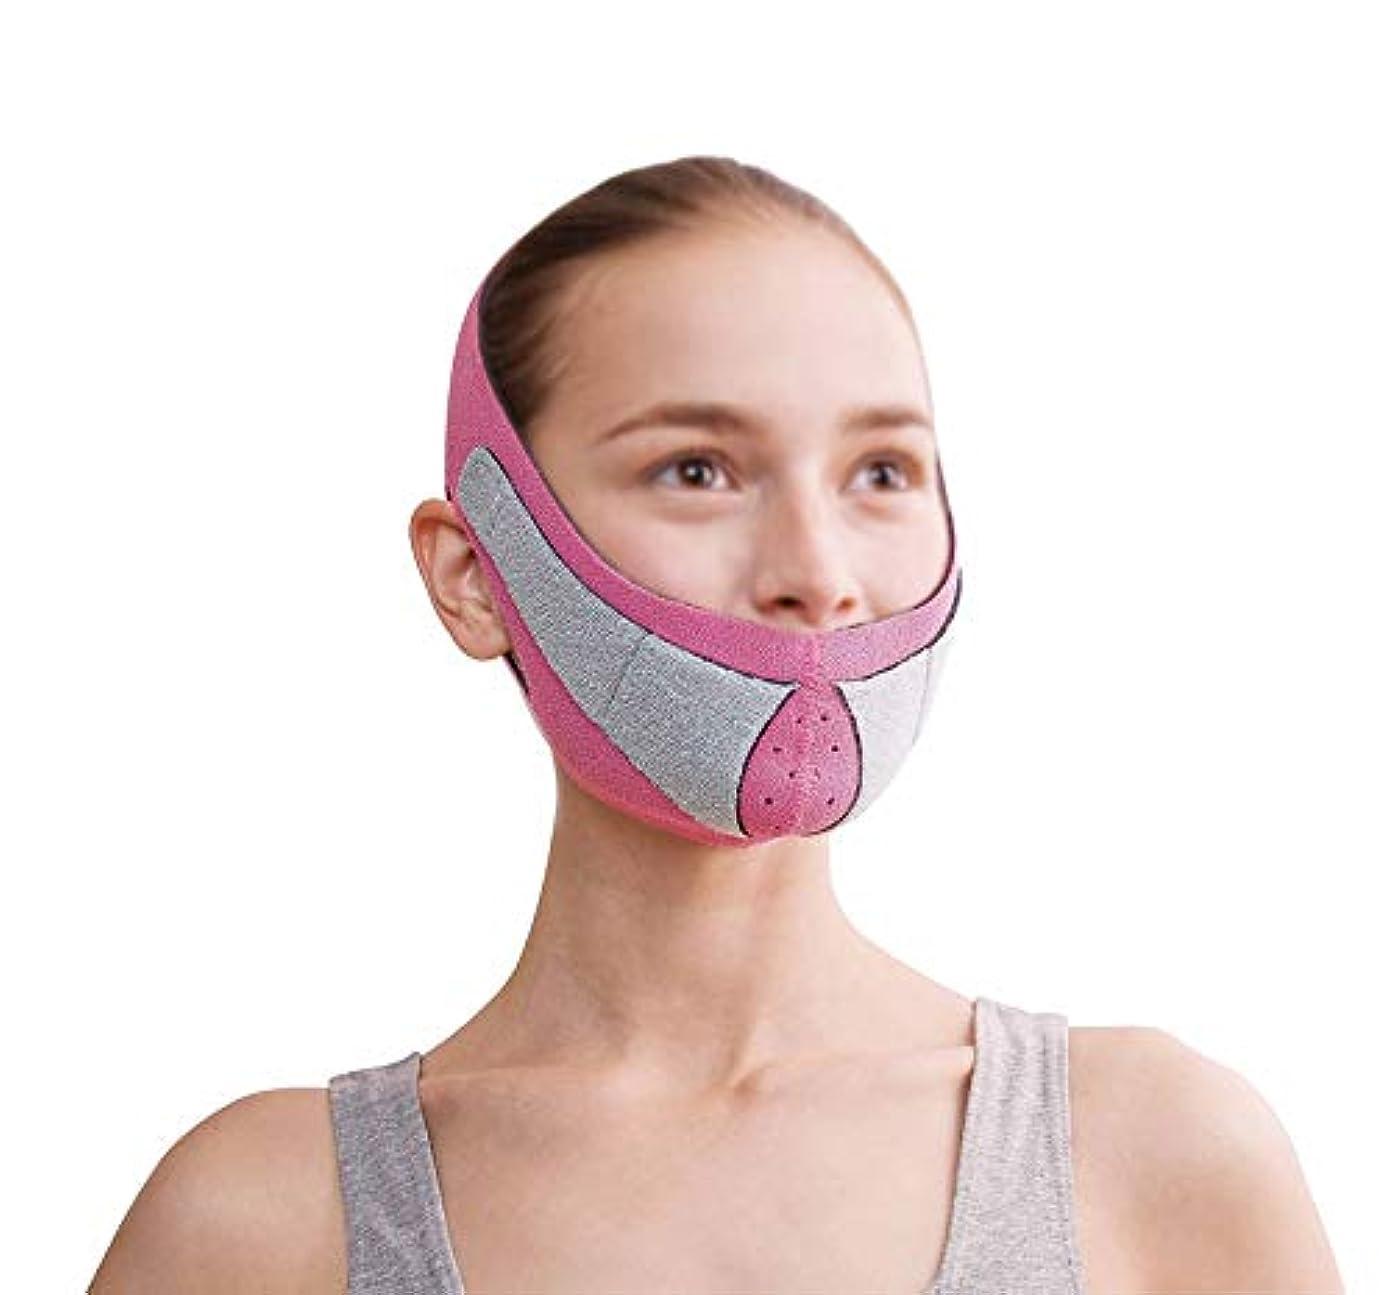 影除去曇ったGLJJQMY 薄い顔のマスクのマスクと垂れ下がり防止の薄い顔のマスク薄い顔のマスクのアーティファクトの美しさの首ネックストラップを引き締め 顔用整形マスク